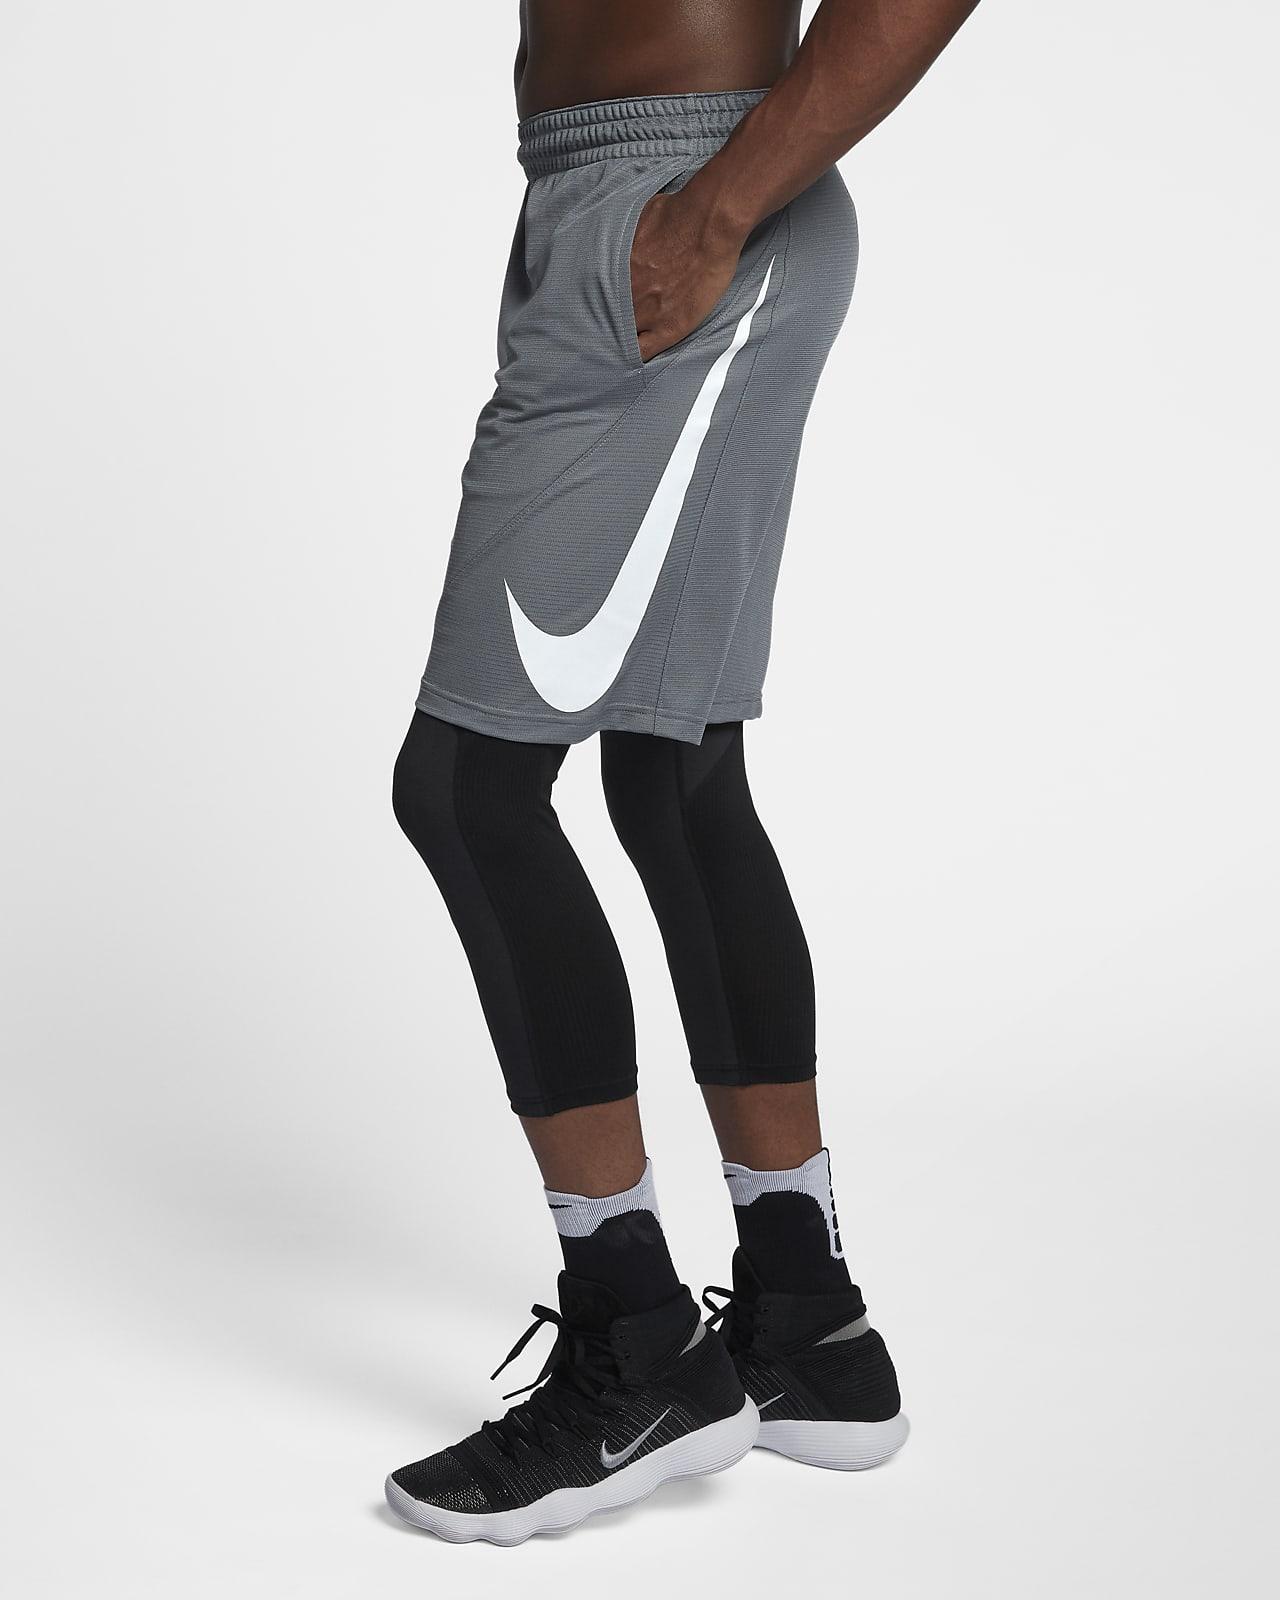 Nike HBR Pantalón corto de baloncesto - Hombre